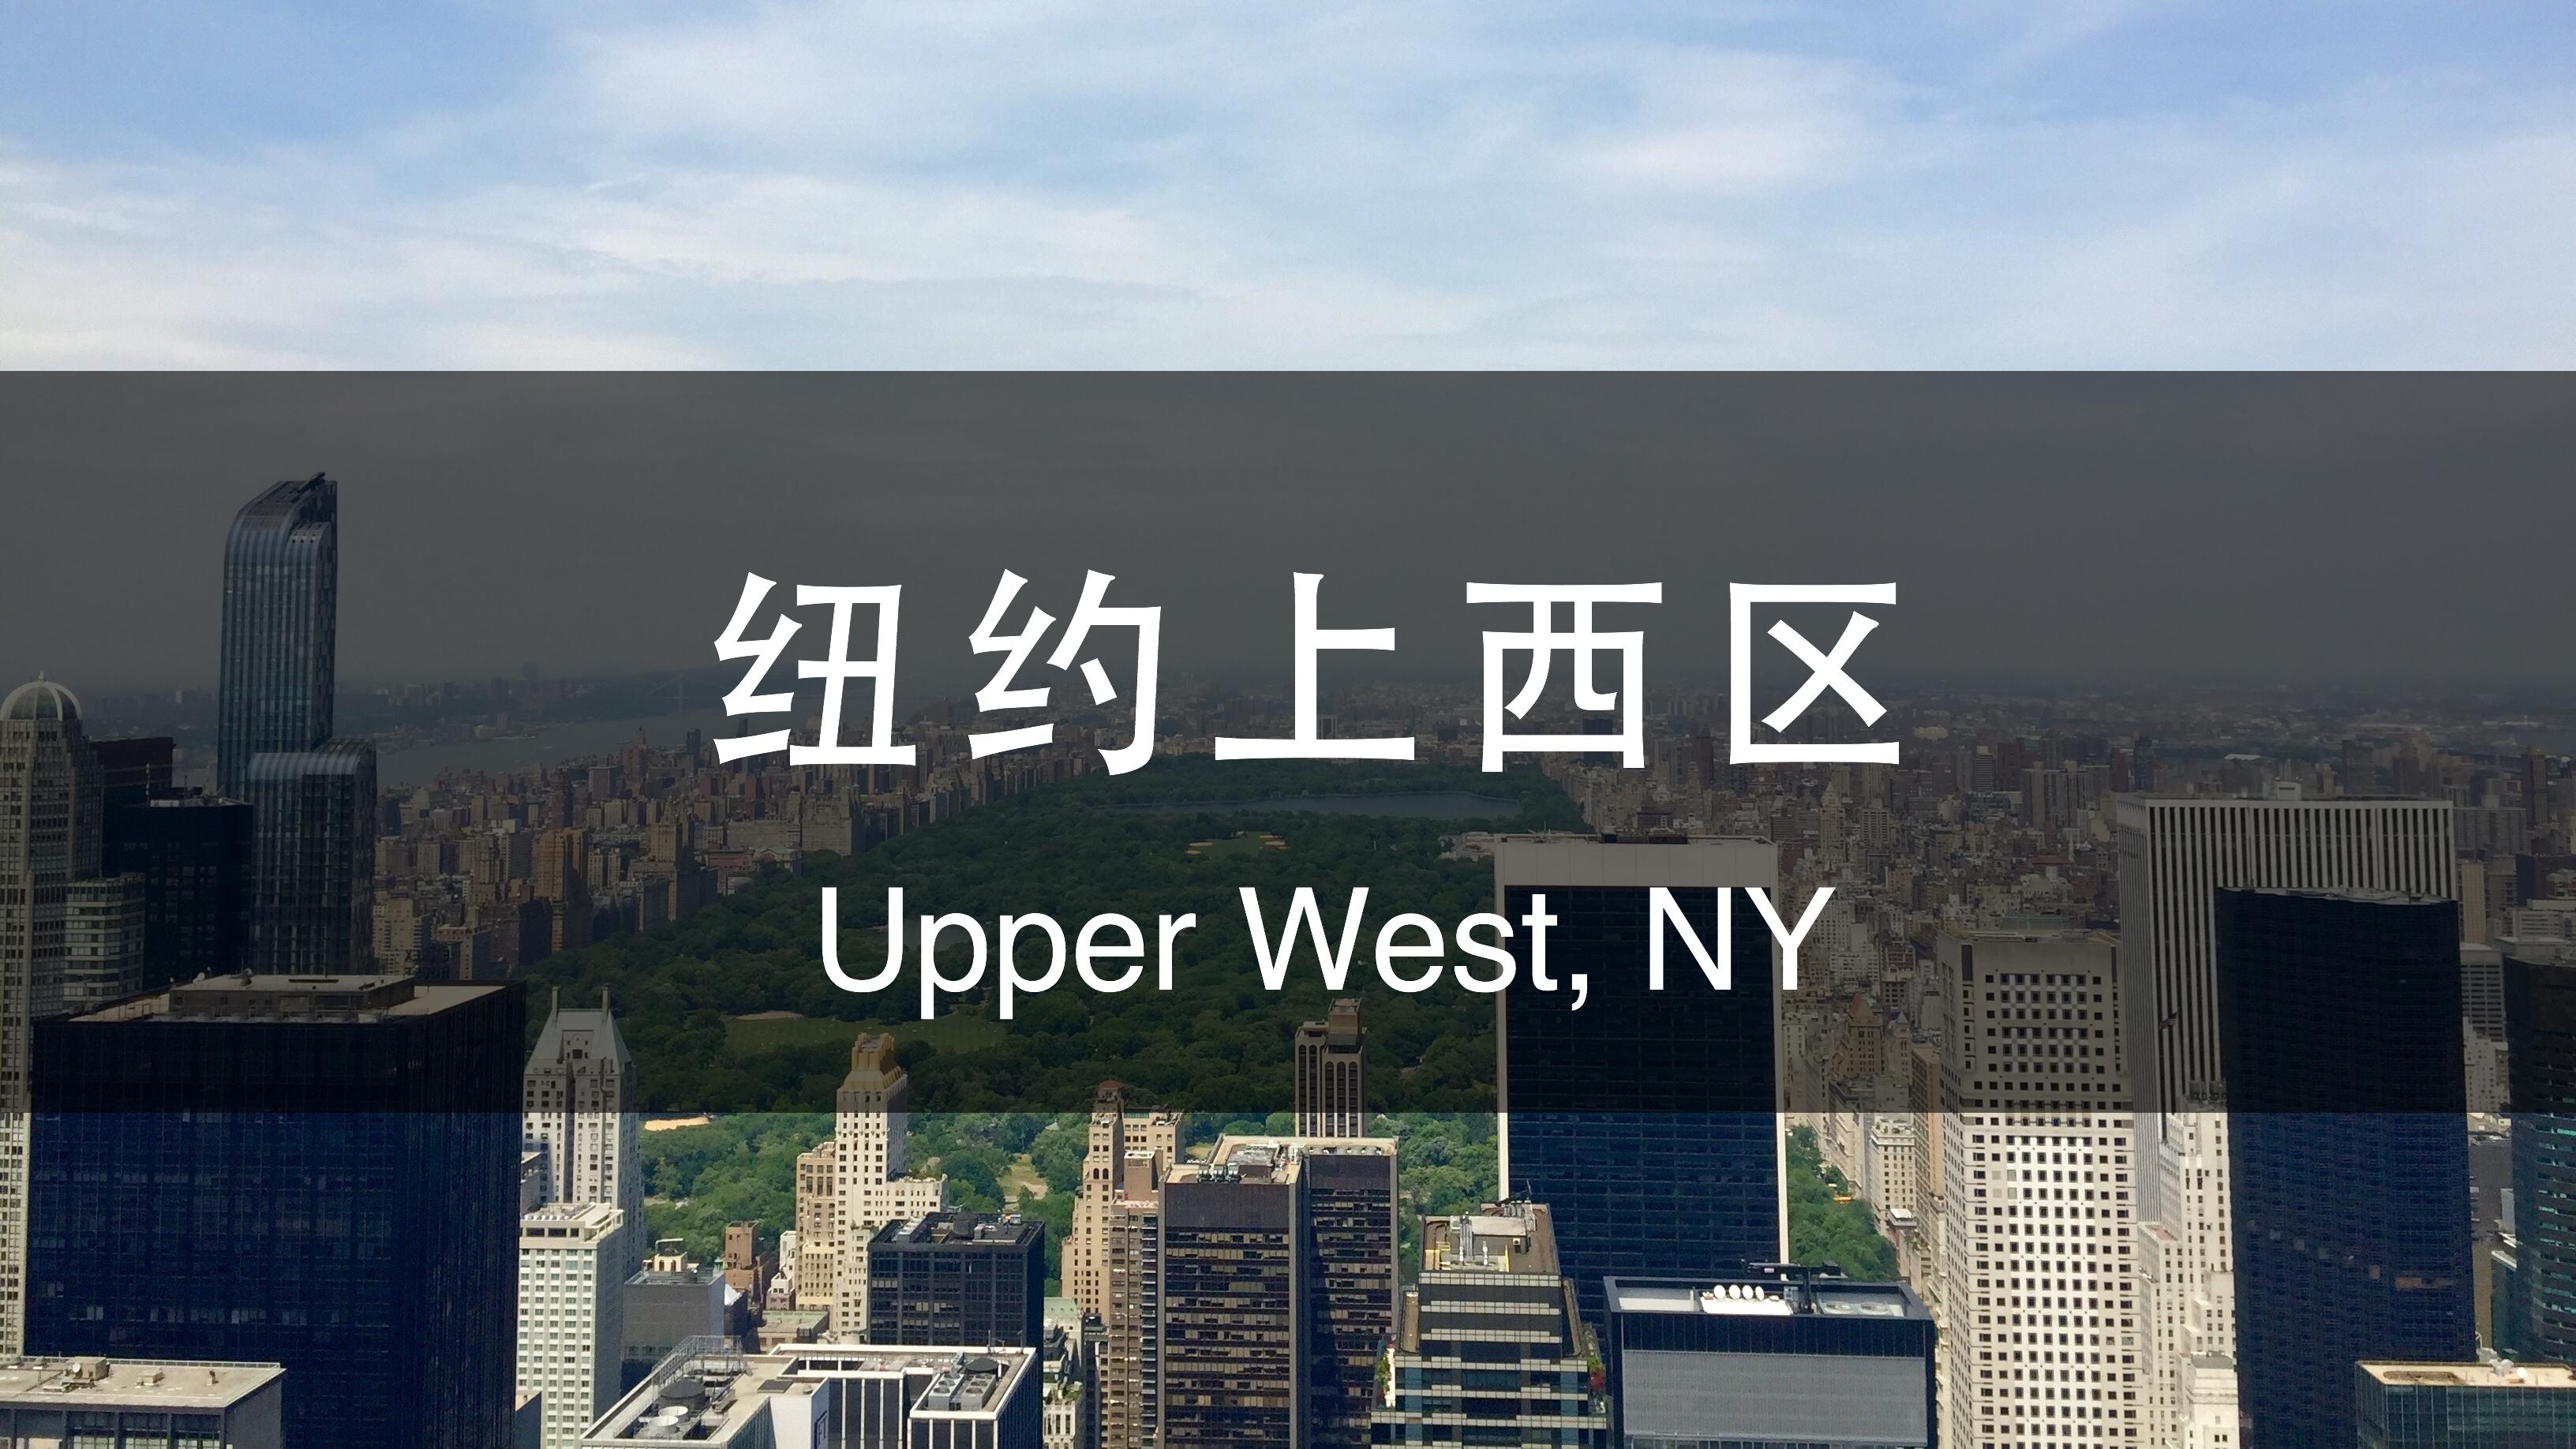 纽约上西区(Upper West Side): 文艺圣地、知识摇篮,这里是曼哈顿最适合养家的社区